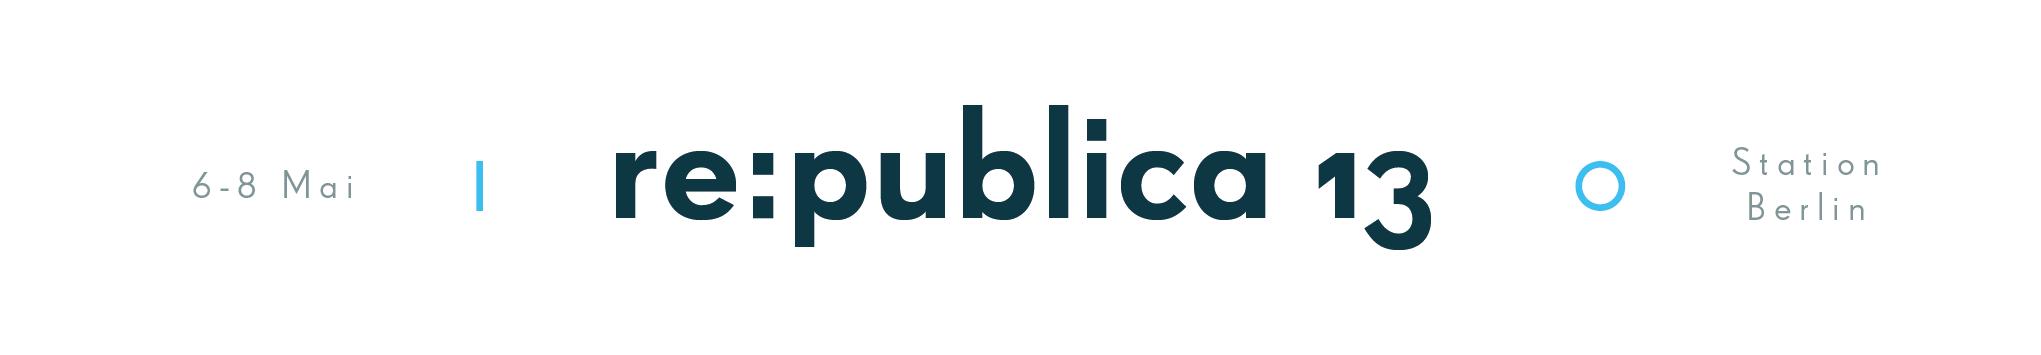 Mit den edunauten auf der re:publica